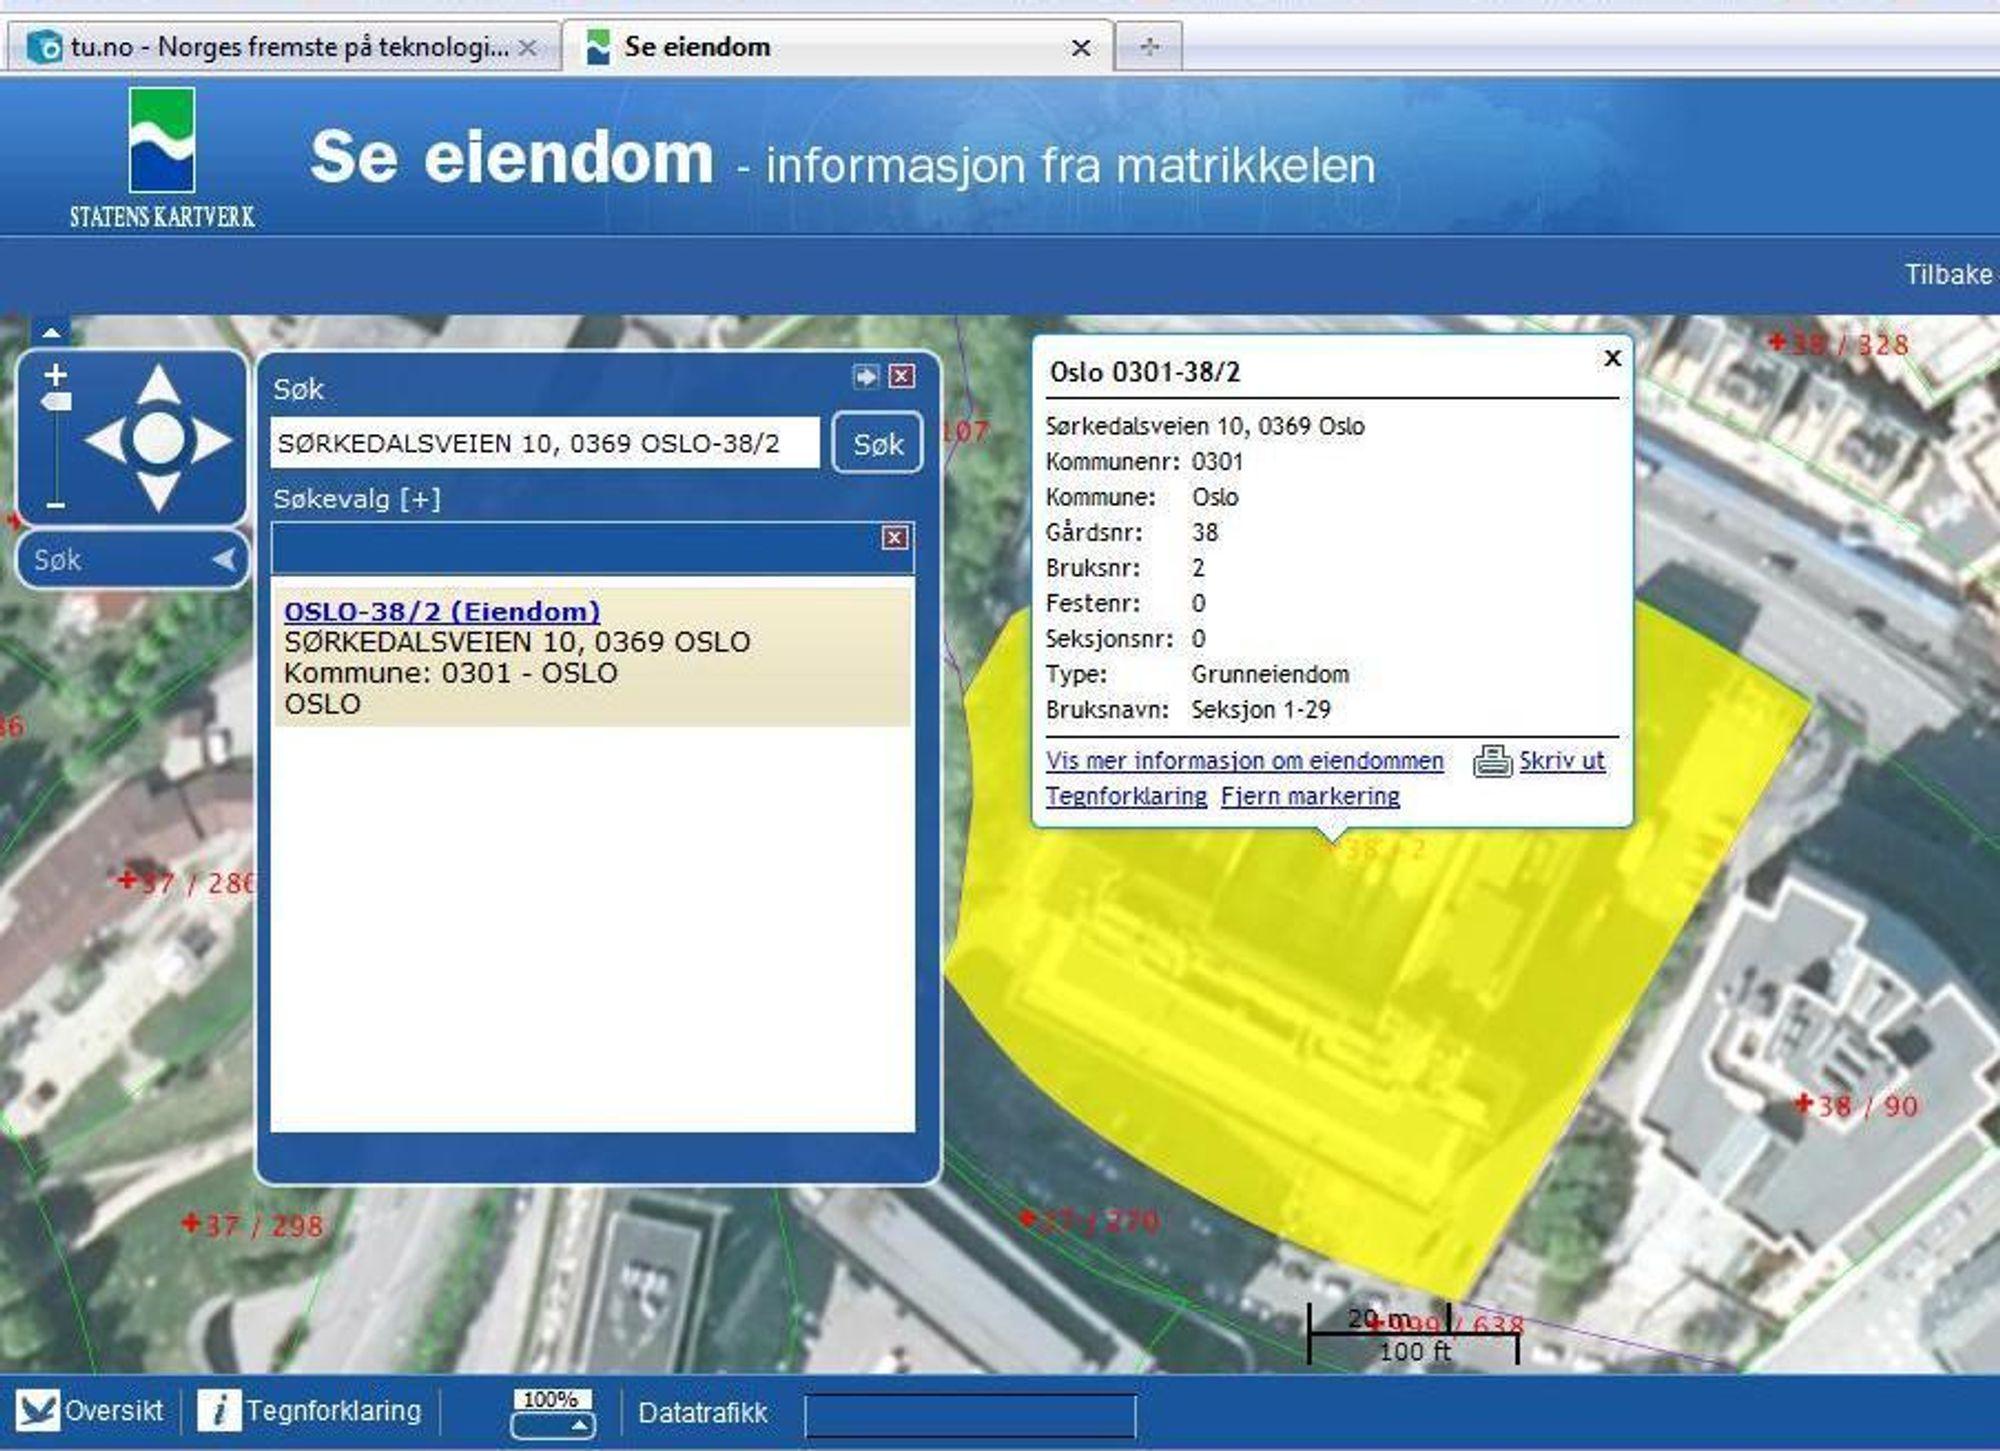 K(L)ART: Tjenesten Se Eiendom har gjort eiendomsdata mer tilgjengelig og dempet konfliktnivået i grensetvister.